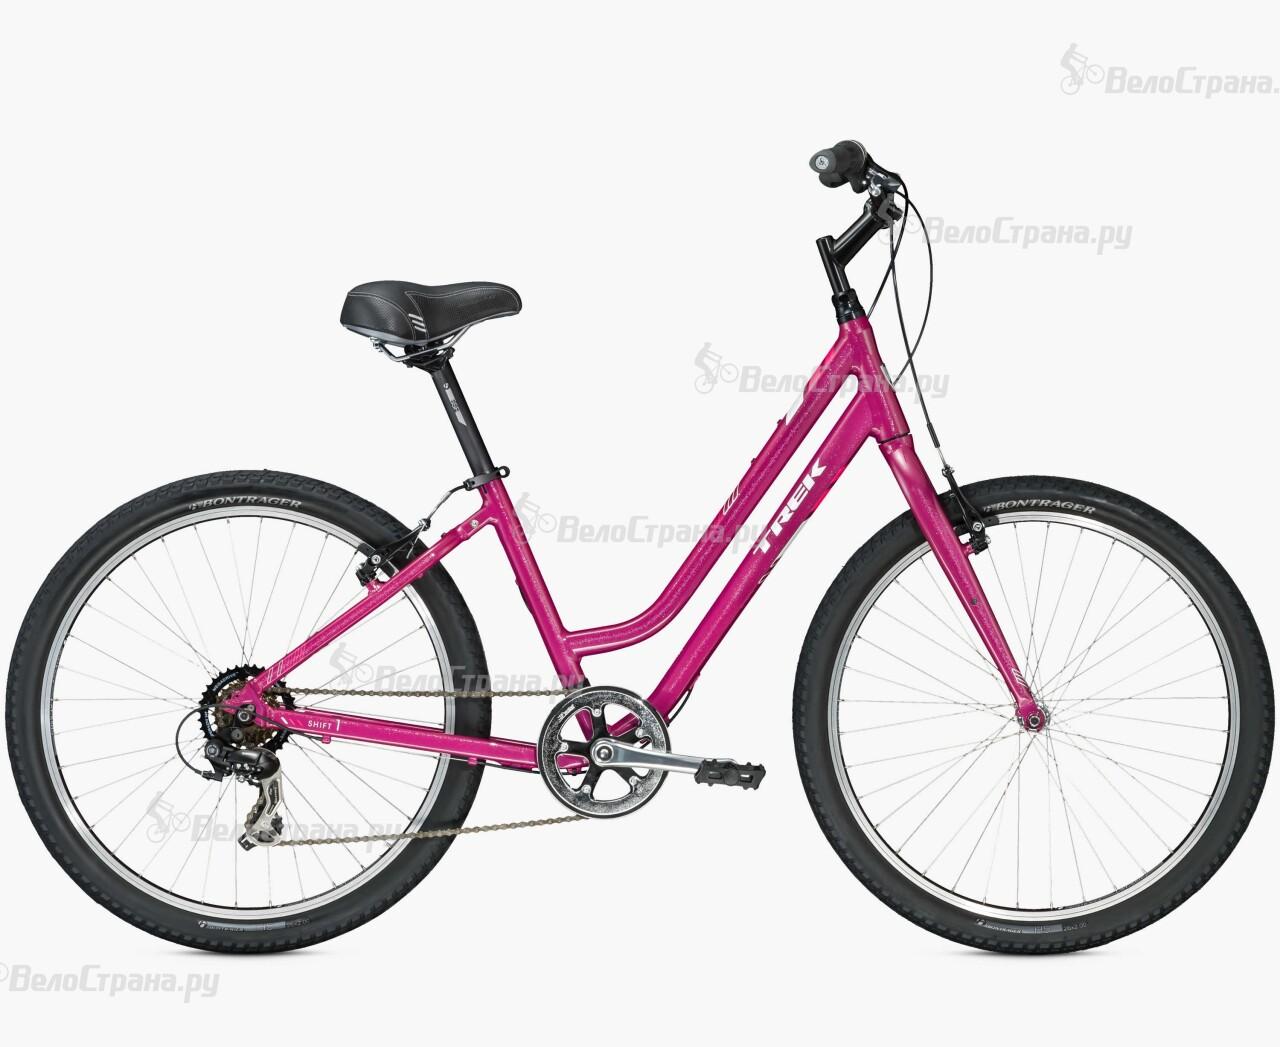 Купить велосипед в интернет магазине Велосервис купить